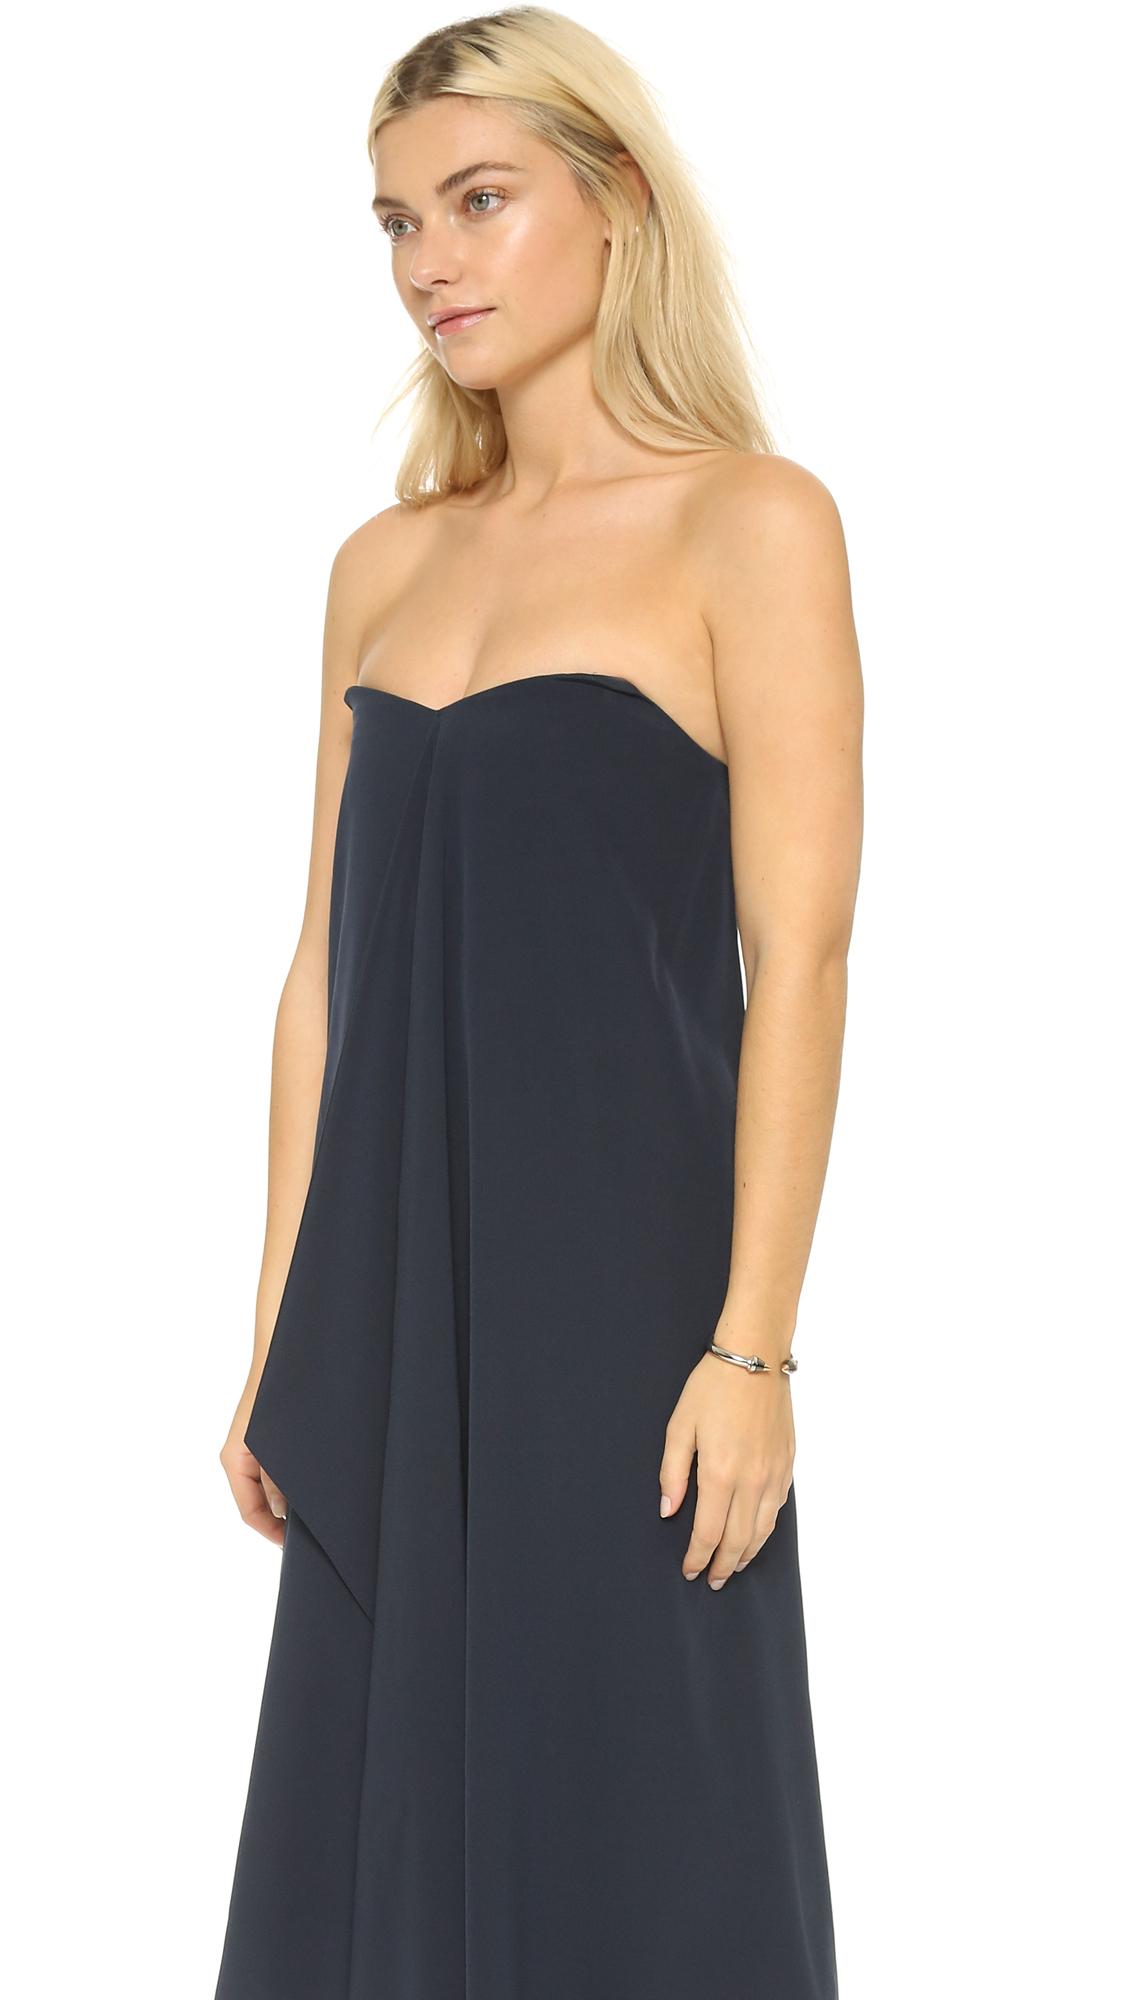 61be400b77a1 Tibi Strapless Silk Towel Dress in Blue - Lyst